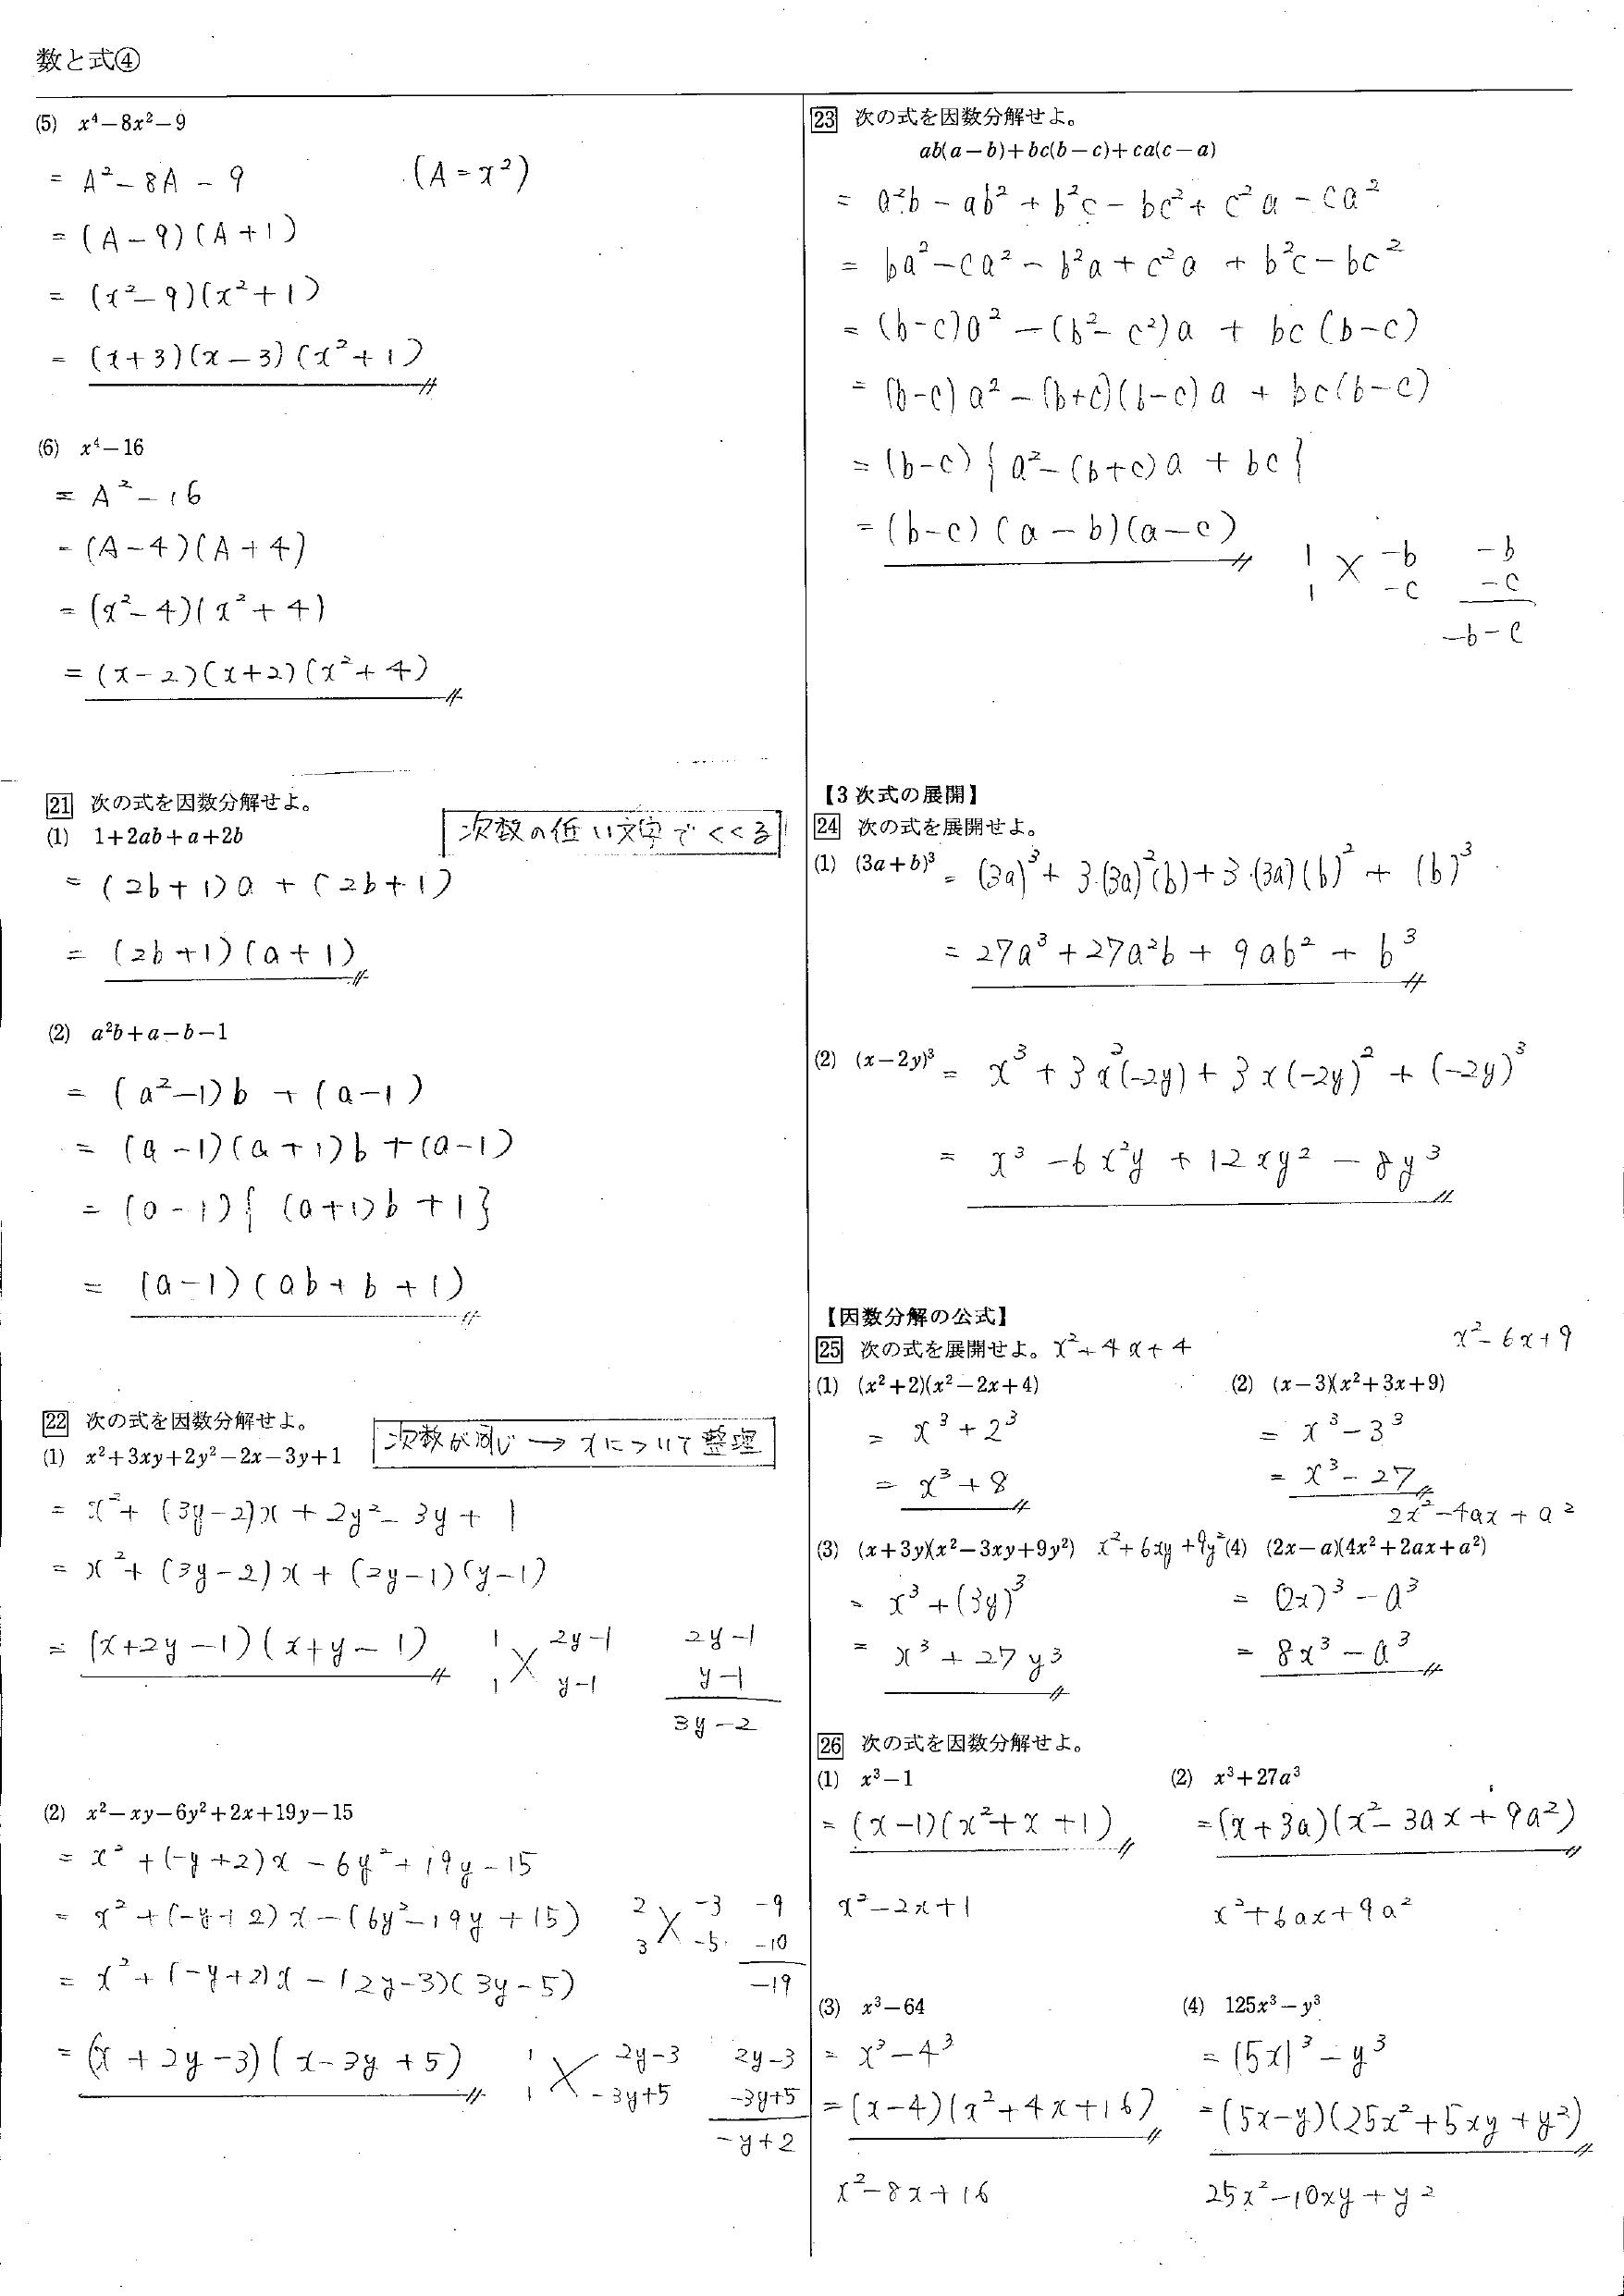 式と計算 教科書 まとめ 一覧 問題 解答